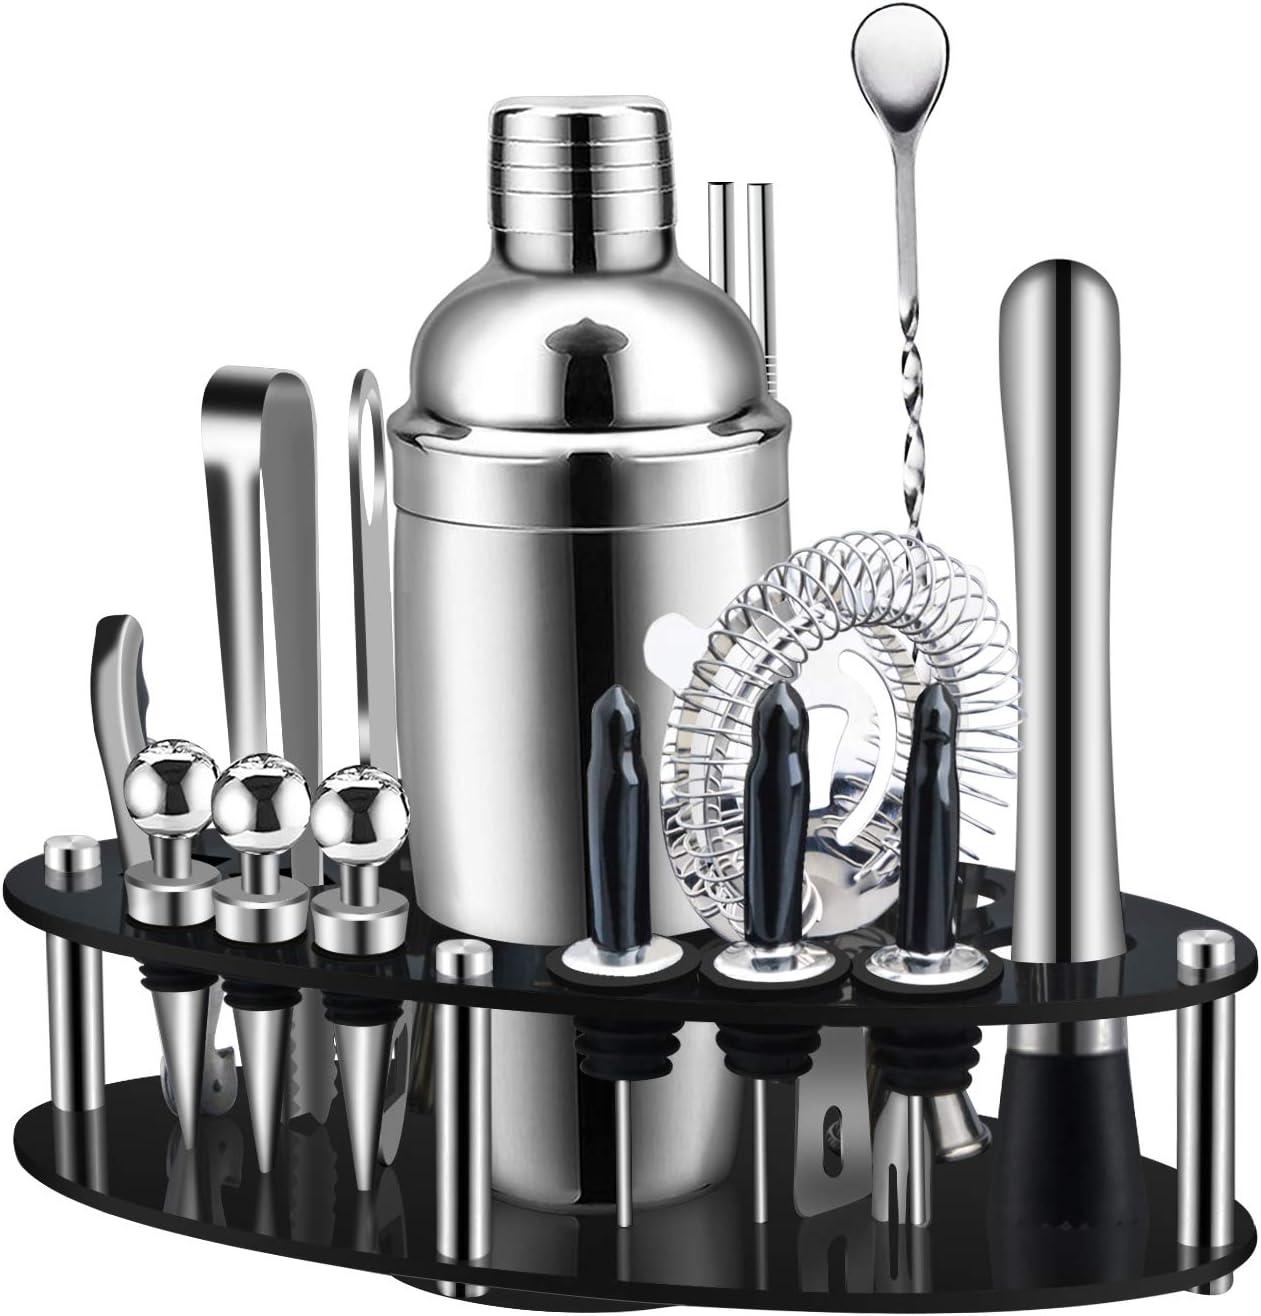 Choix de Cadeau Parfait Kit de Barman SS304 Premium pour La Maison F/ête Ensemble de Fabrication de Cocktails 19 Pi/èces Avec Pr/ésentoir Rotatif Ovale Shaker Cocktail Bar